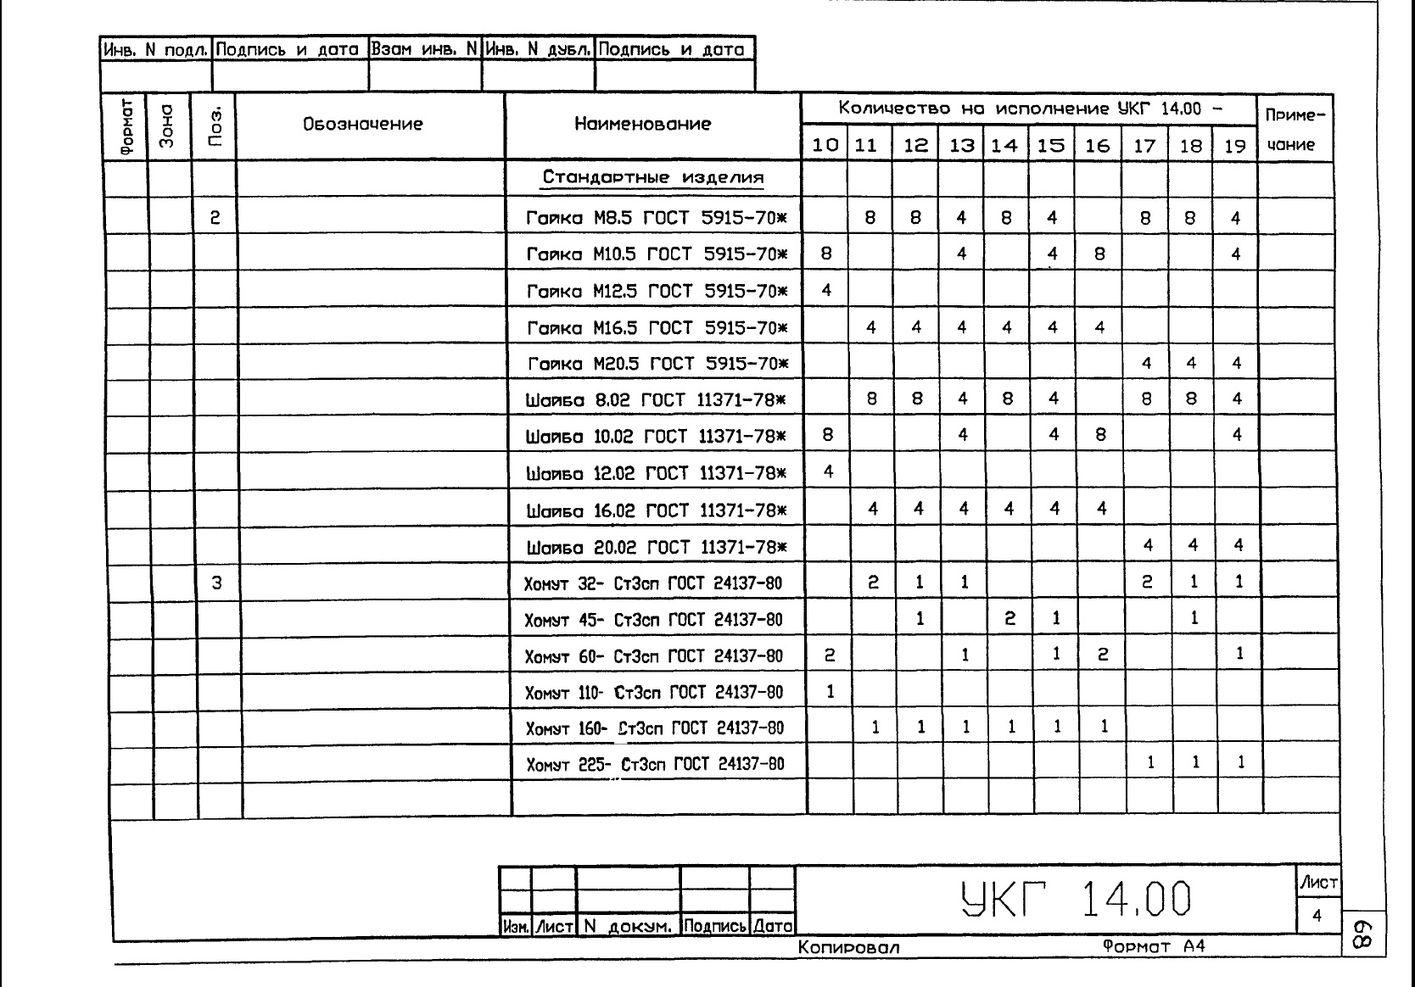 Крепление 2х (двух) вспомогательных газопроводов к основному УКГ 14.00 СБ серия 5.905-18.05 выпуск 1 стр.7